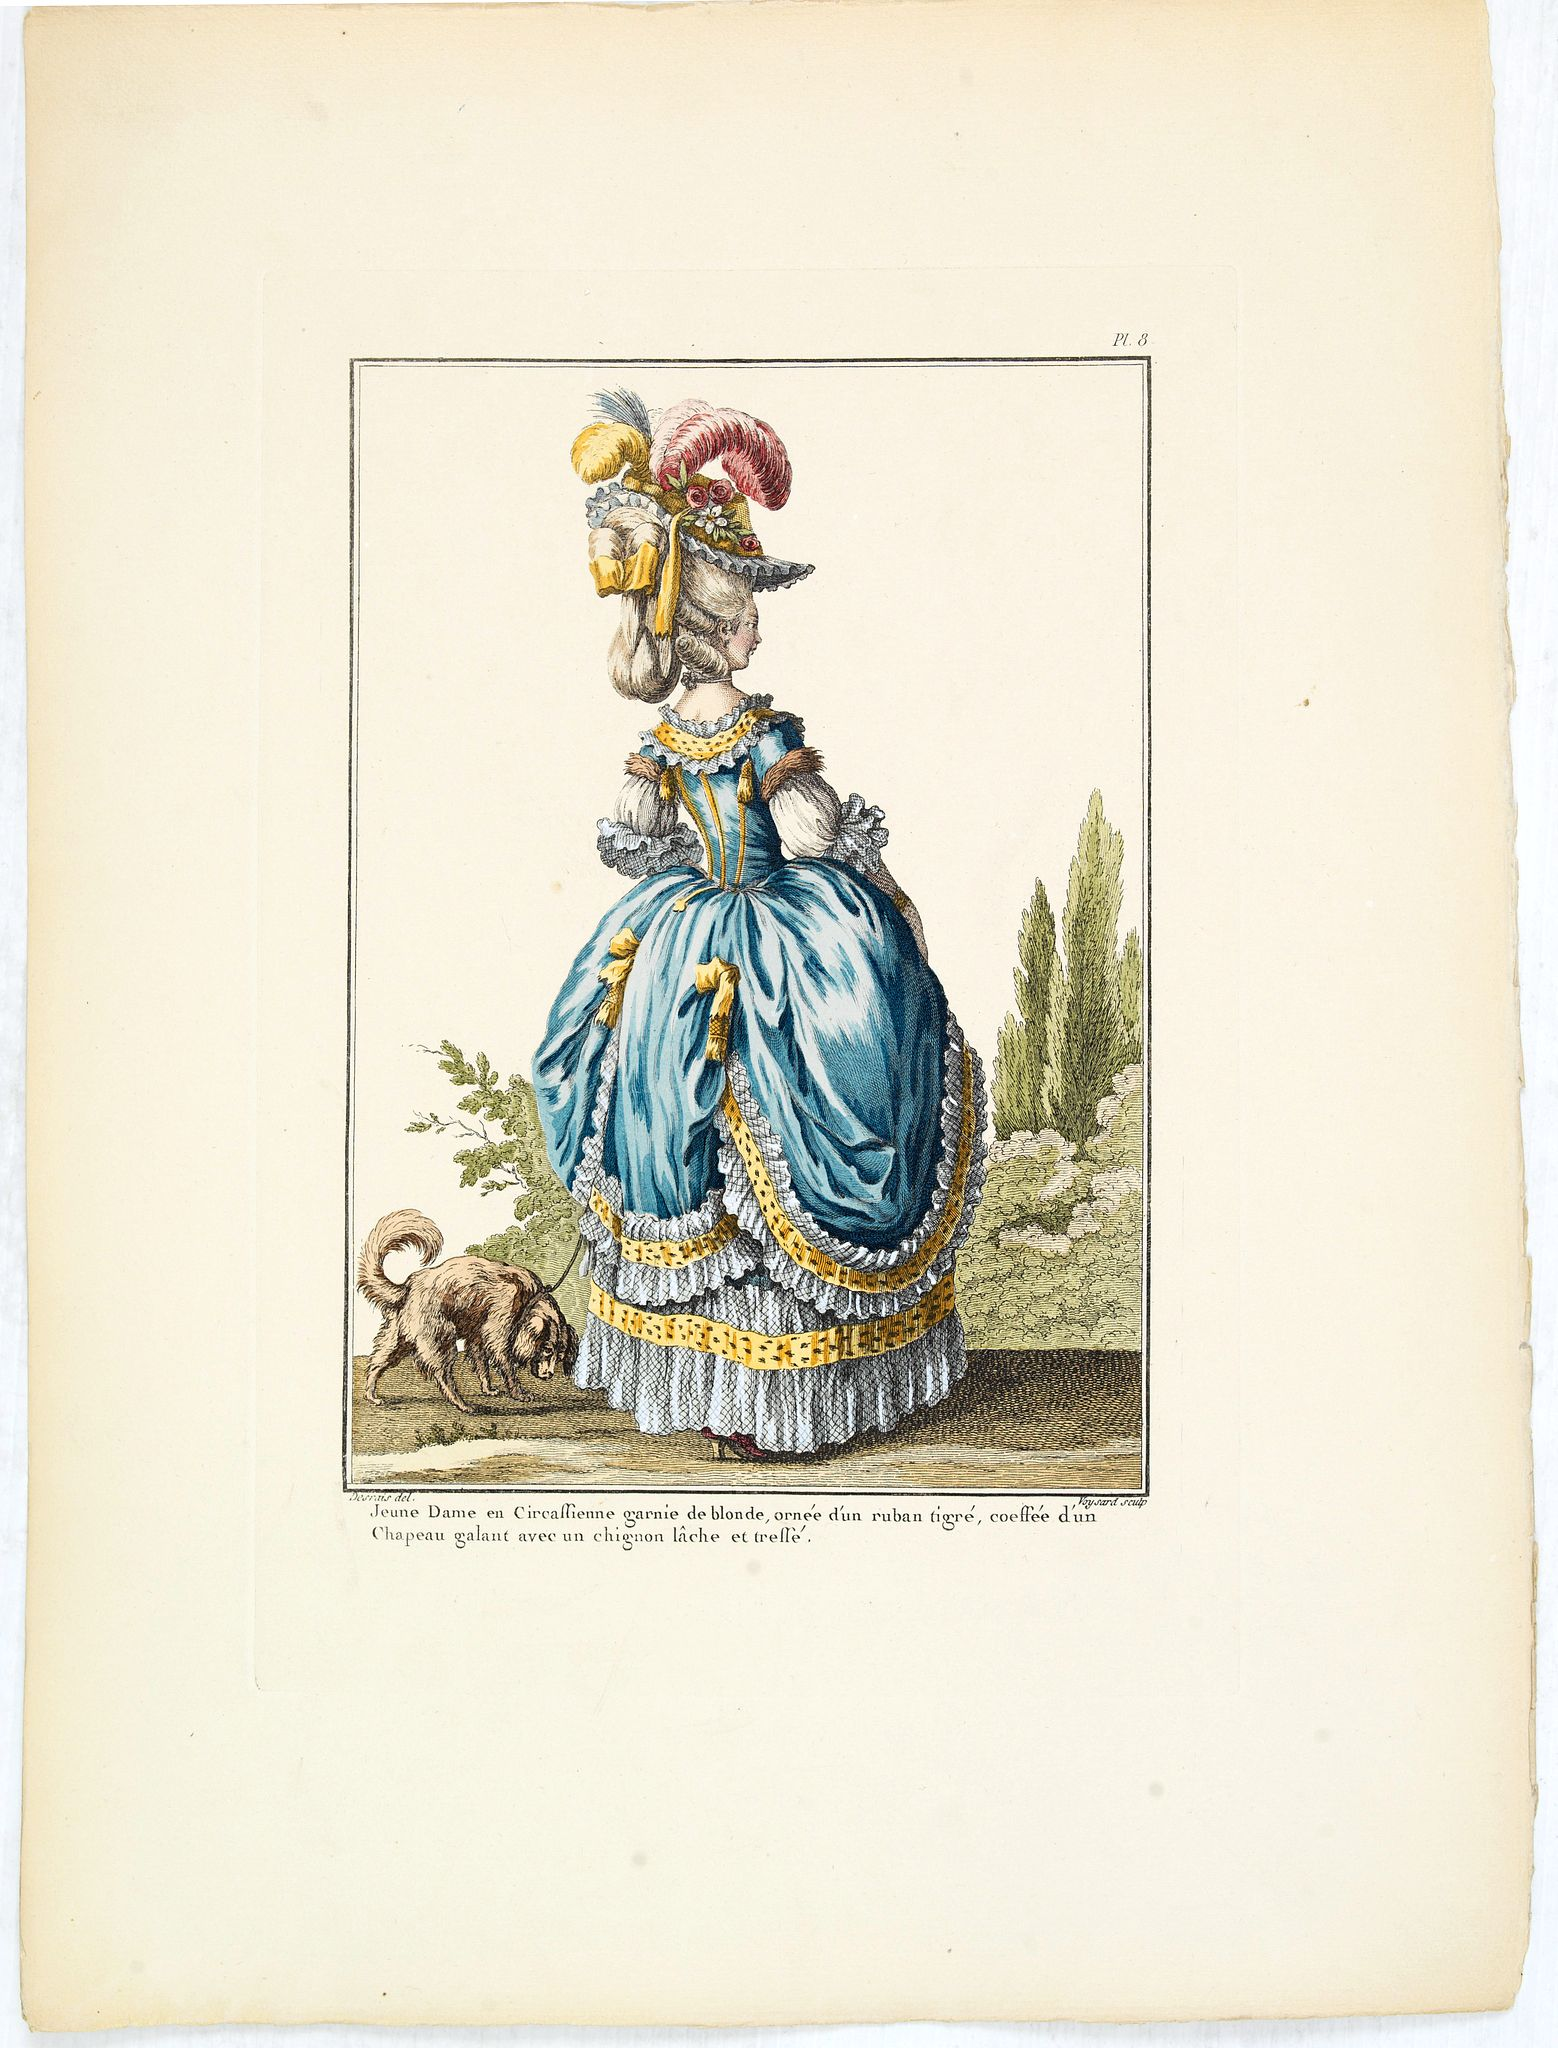 LEVY, E. / LECLERC P.T. -  Pl. 8. - Robe à la Circassienne.